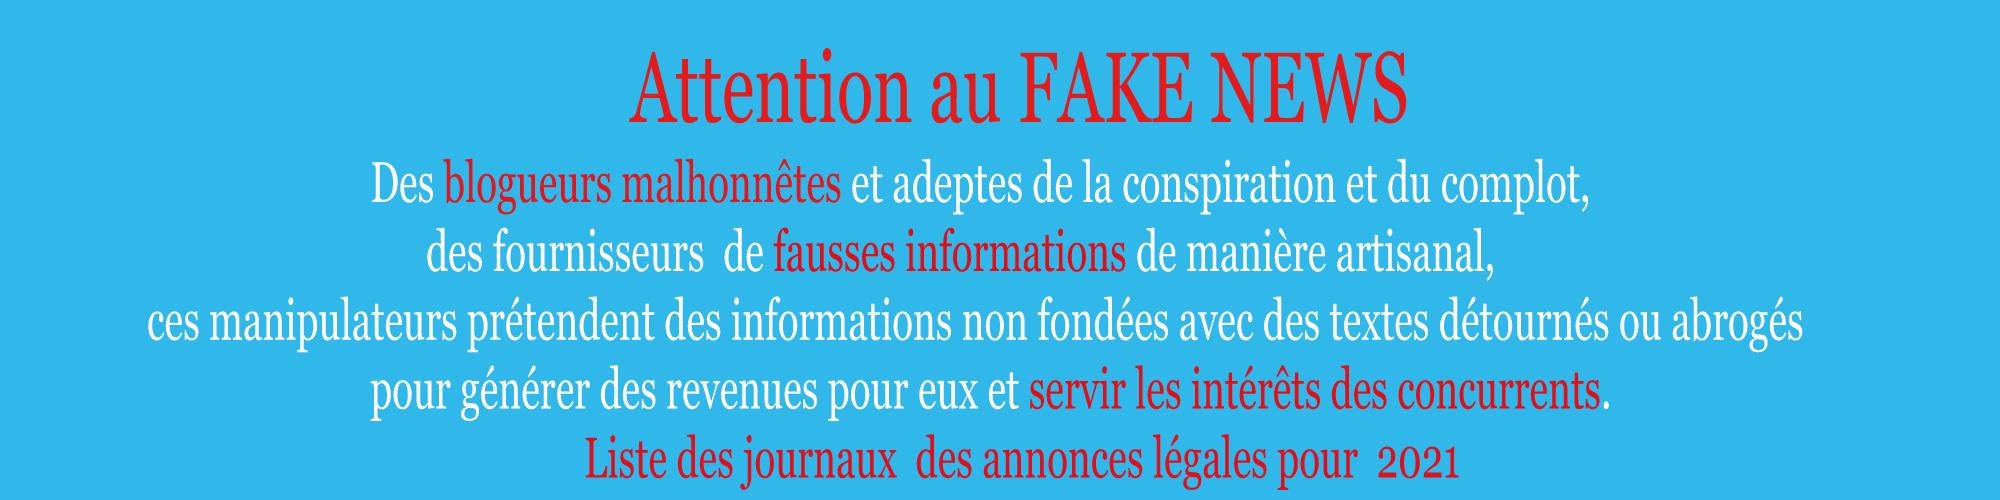 Liste des journaux habilités à publier des annonces légales au Maroc pour 2020